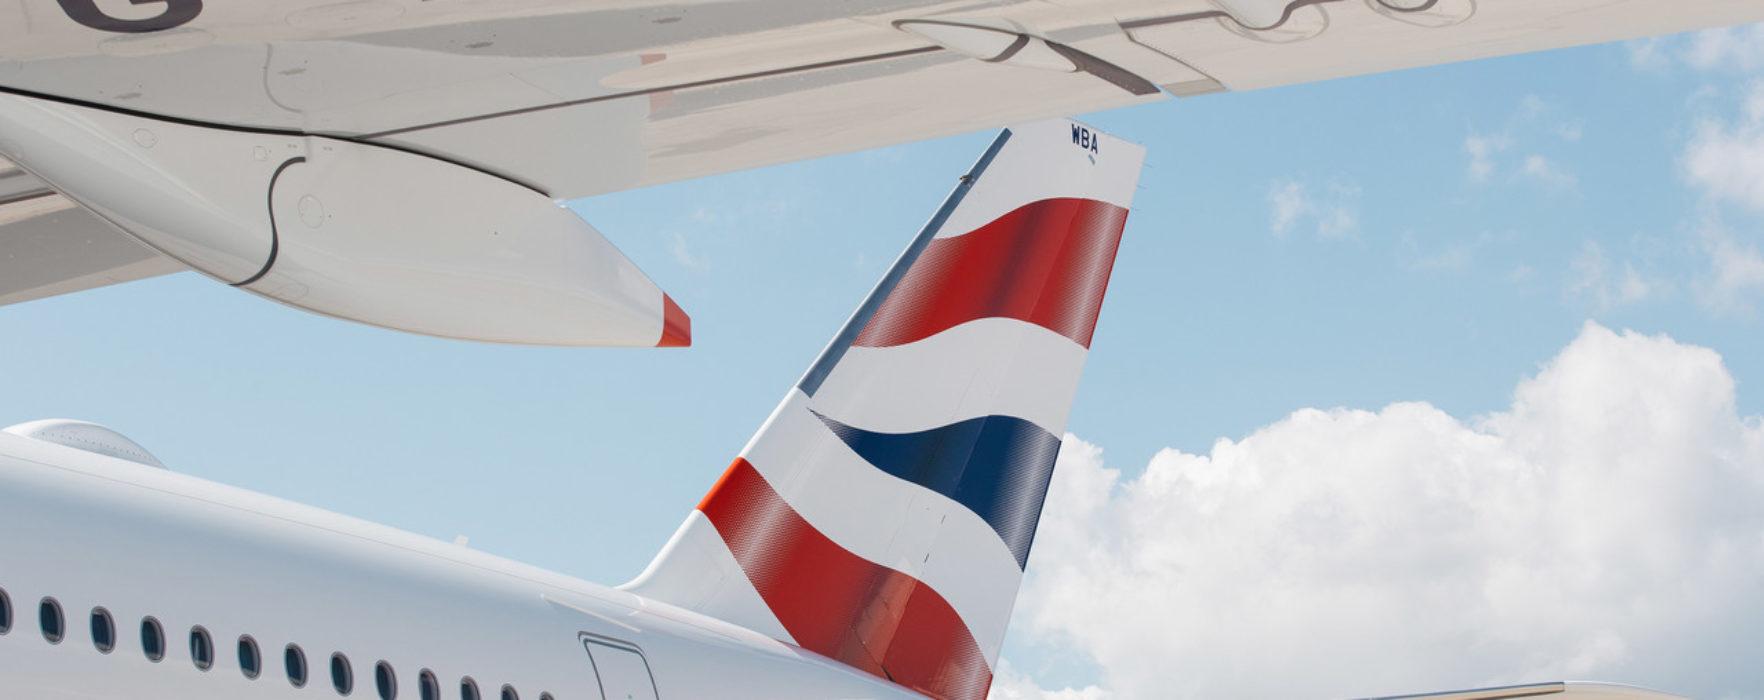 WATCH: British Airways unveils its first brand new A350